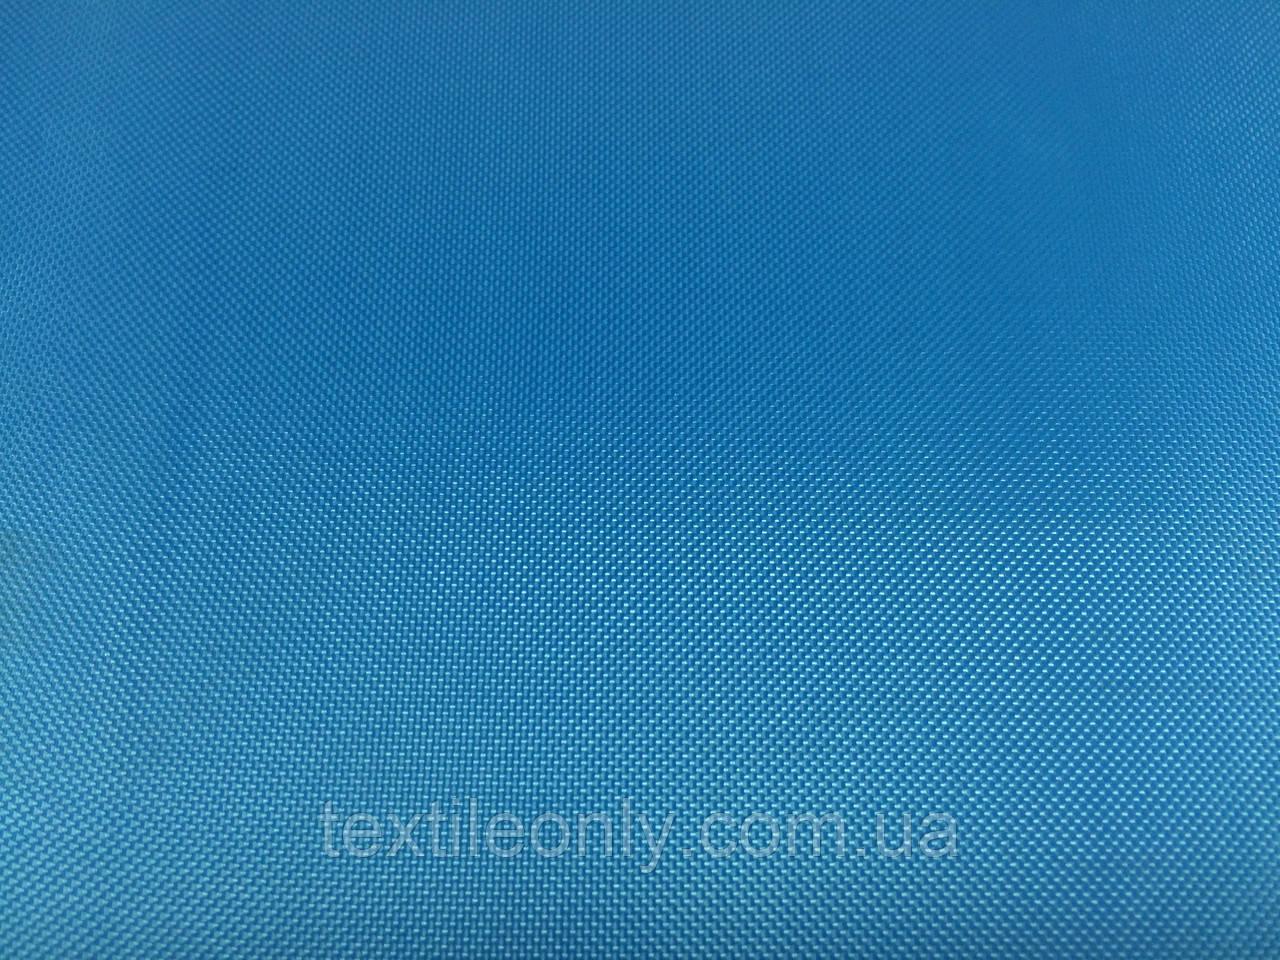 Ткань Сумочная 420 Д цвет голубой